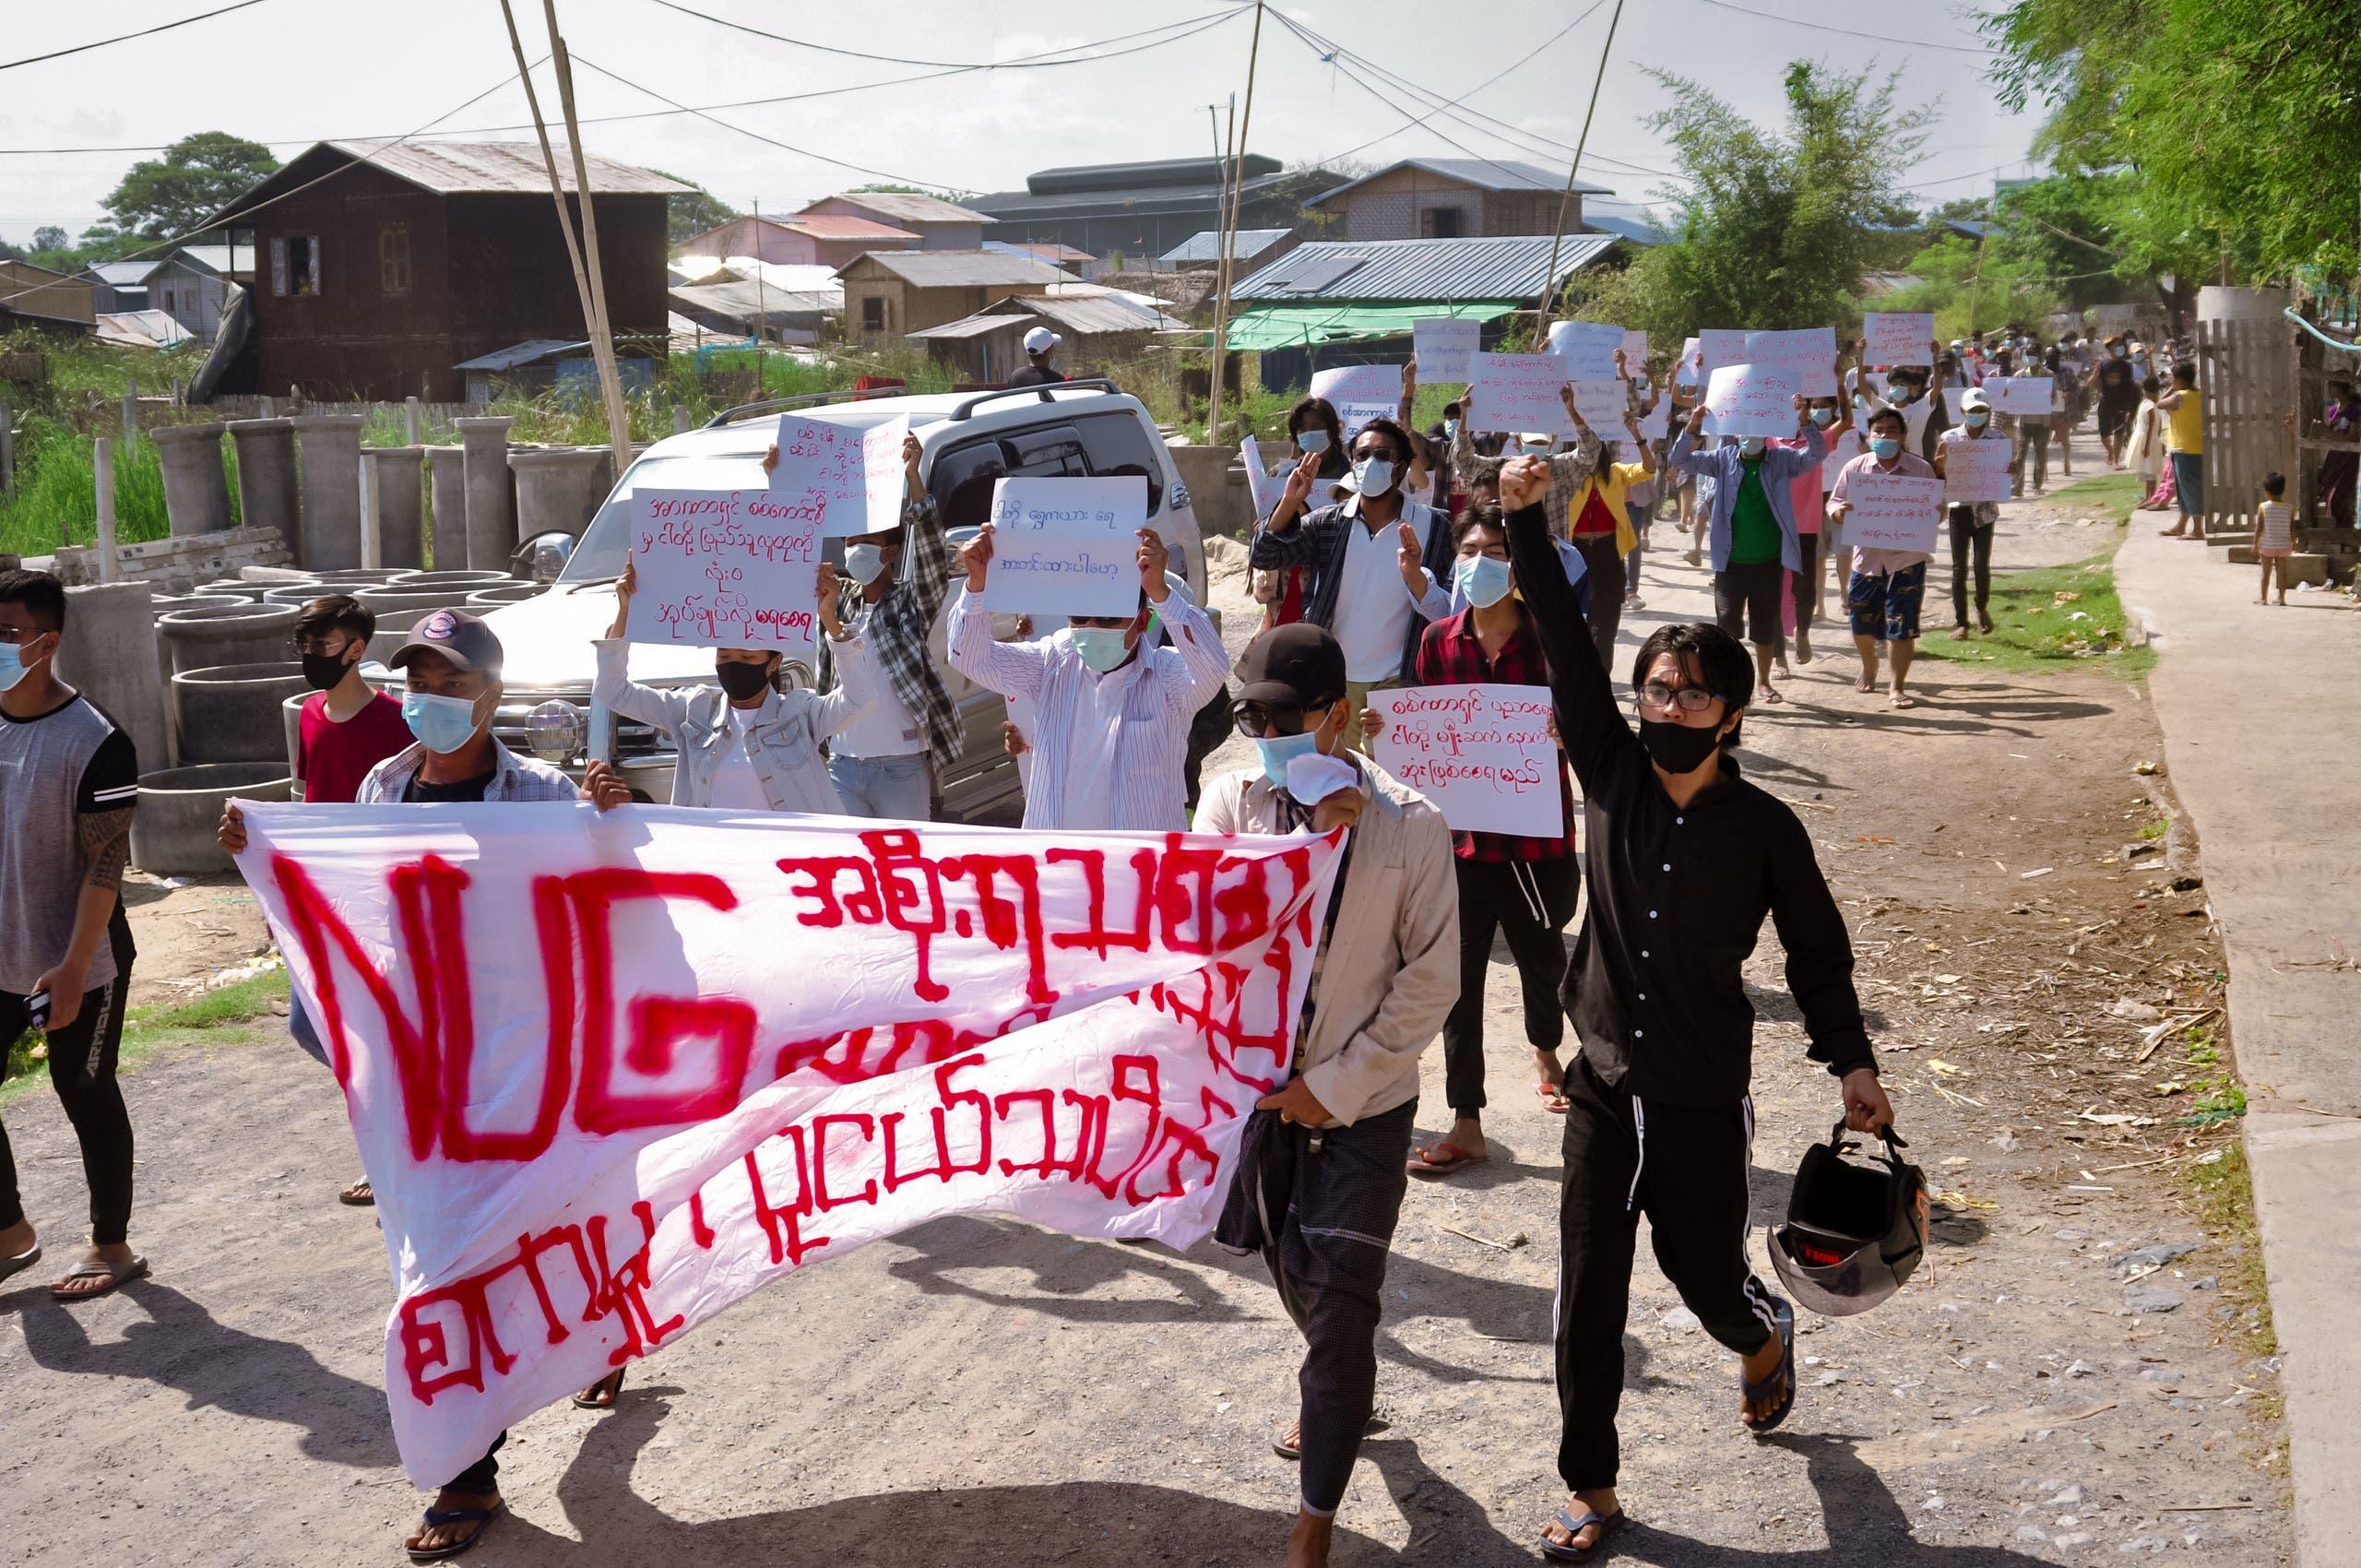 احتجاجات ضد الانقلاب العسكري السبت الماضي في مانالاي في ميانمار